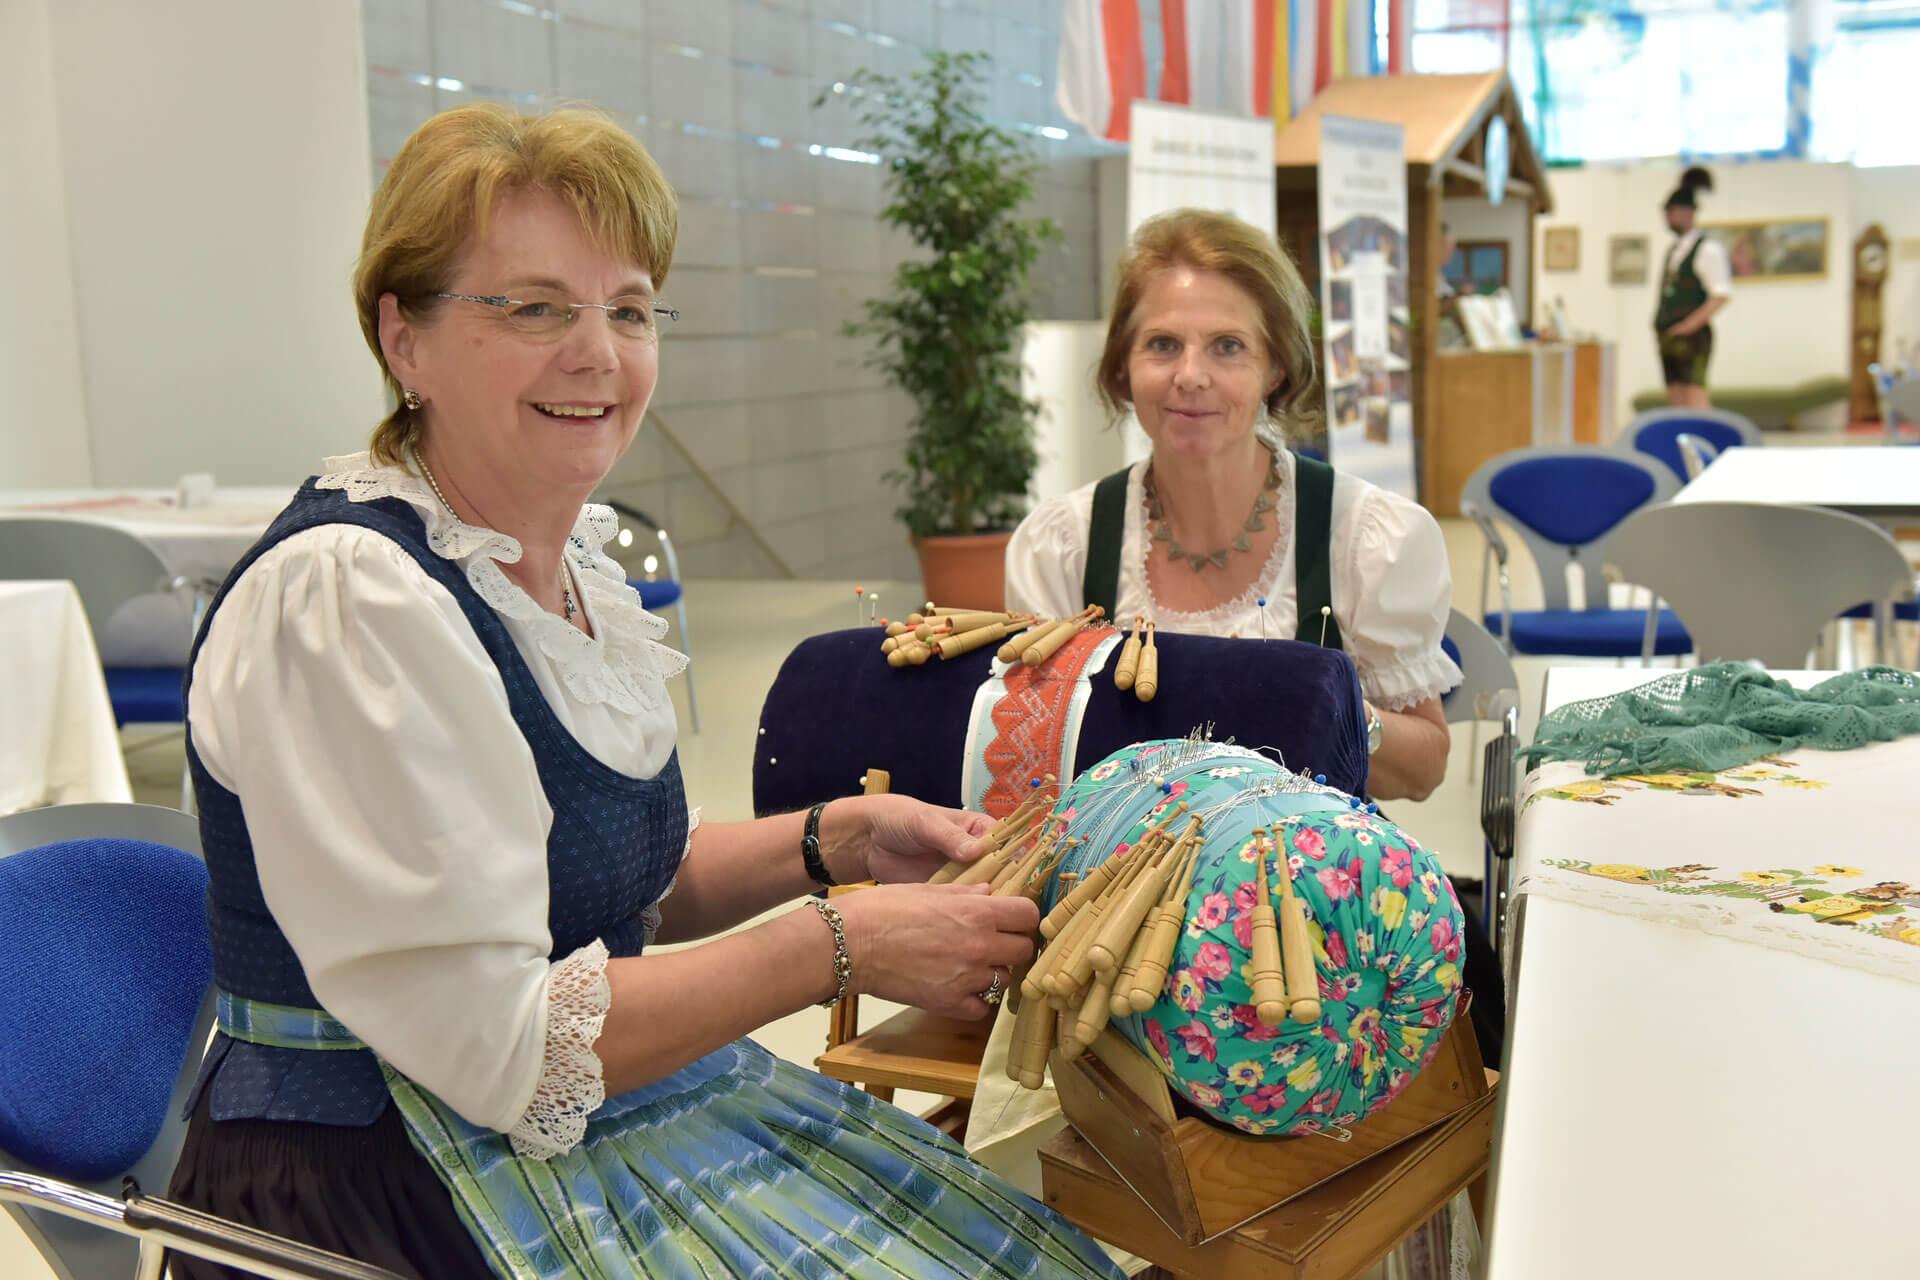 Sonderschau zu Brauchtum, Tracht und Handwerk auf der Ostbayernschau 2019